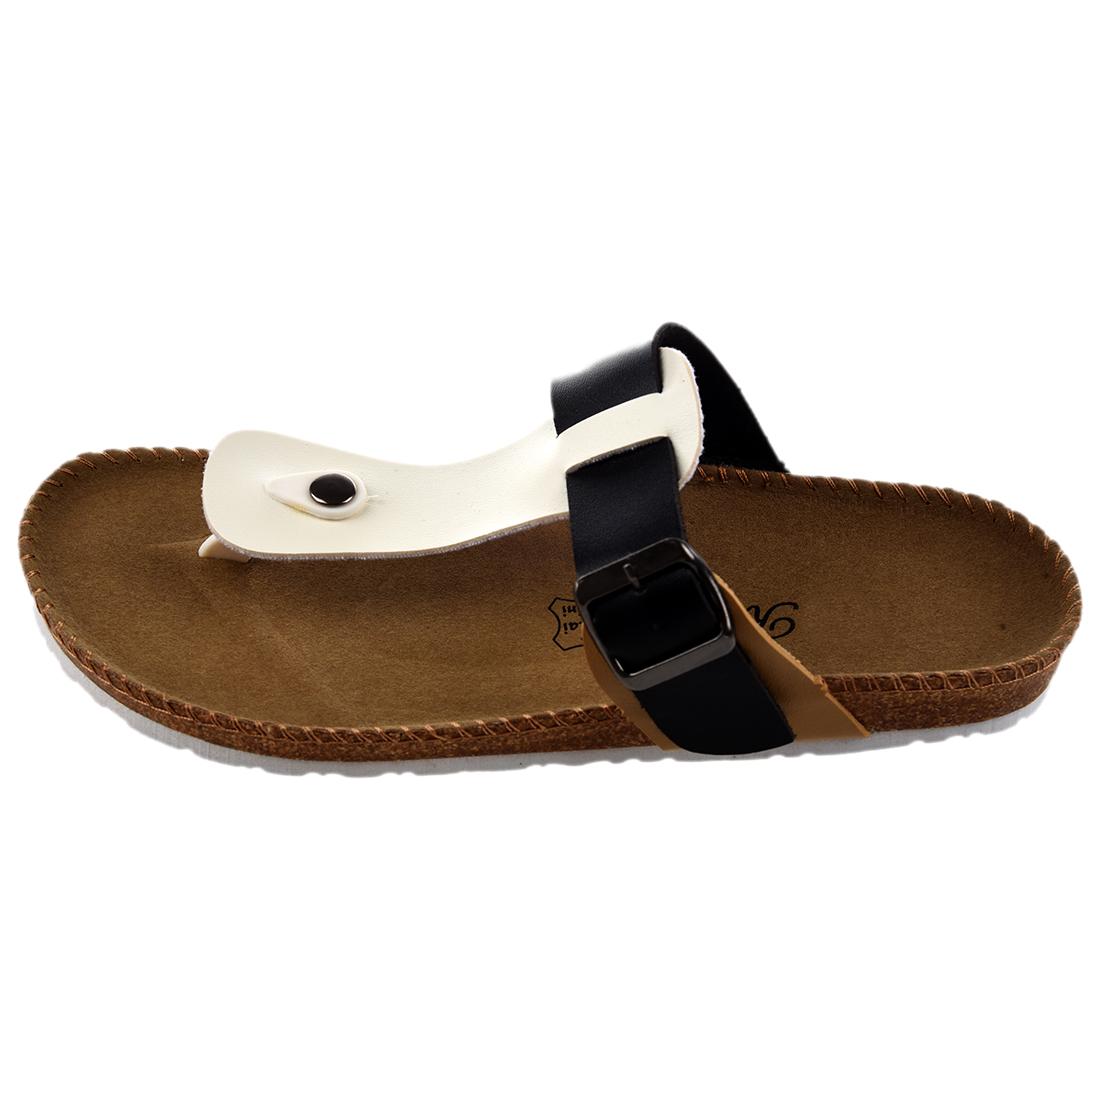 RUIZUU-Chancletas-deportivas-Sandalias-de-playa-Zapatillas-de-Mujer-Hombres-PB miniatura 3